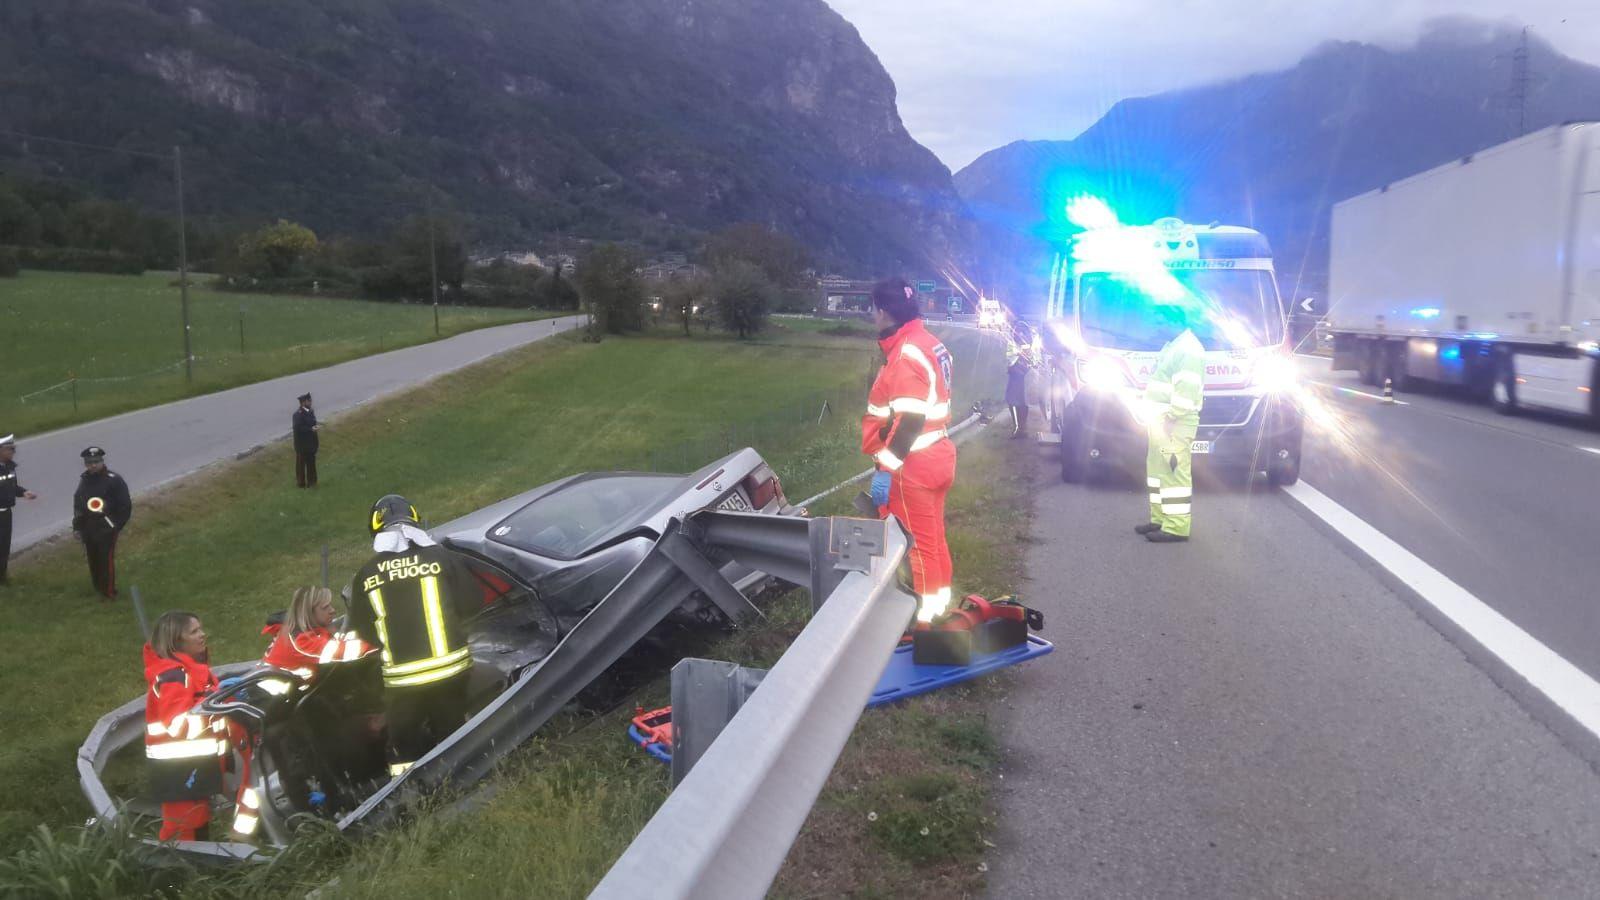 AUTOSTRADA A5 - Schianto a Quincinetto, automobilista in prognosi riservata al Cto - FOTO